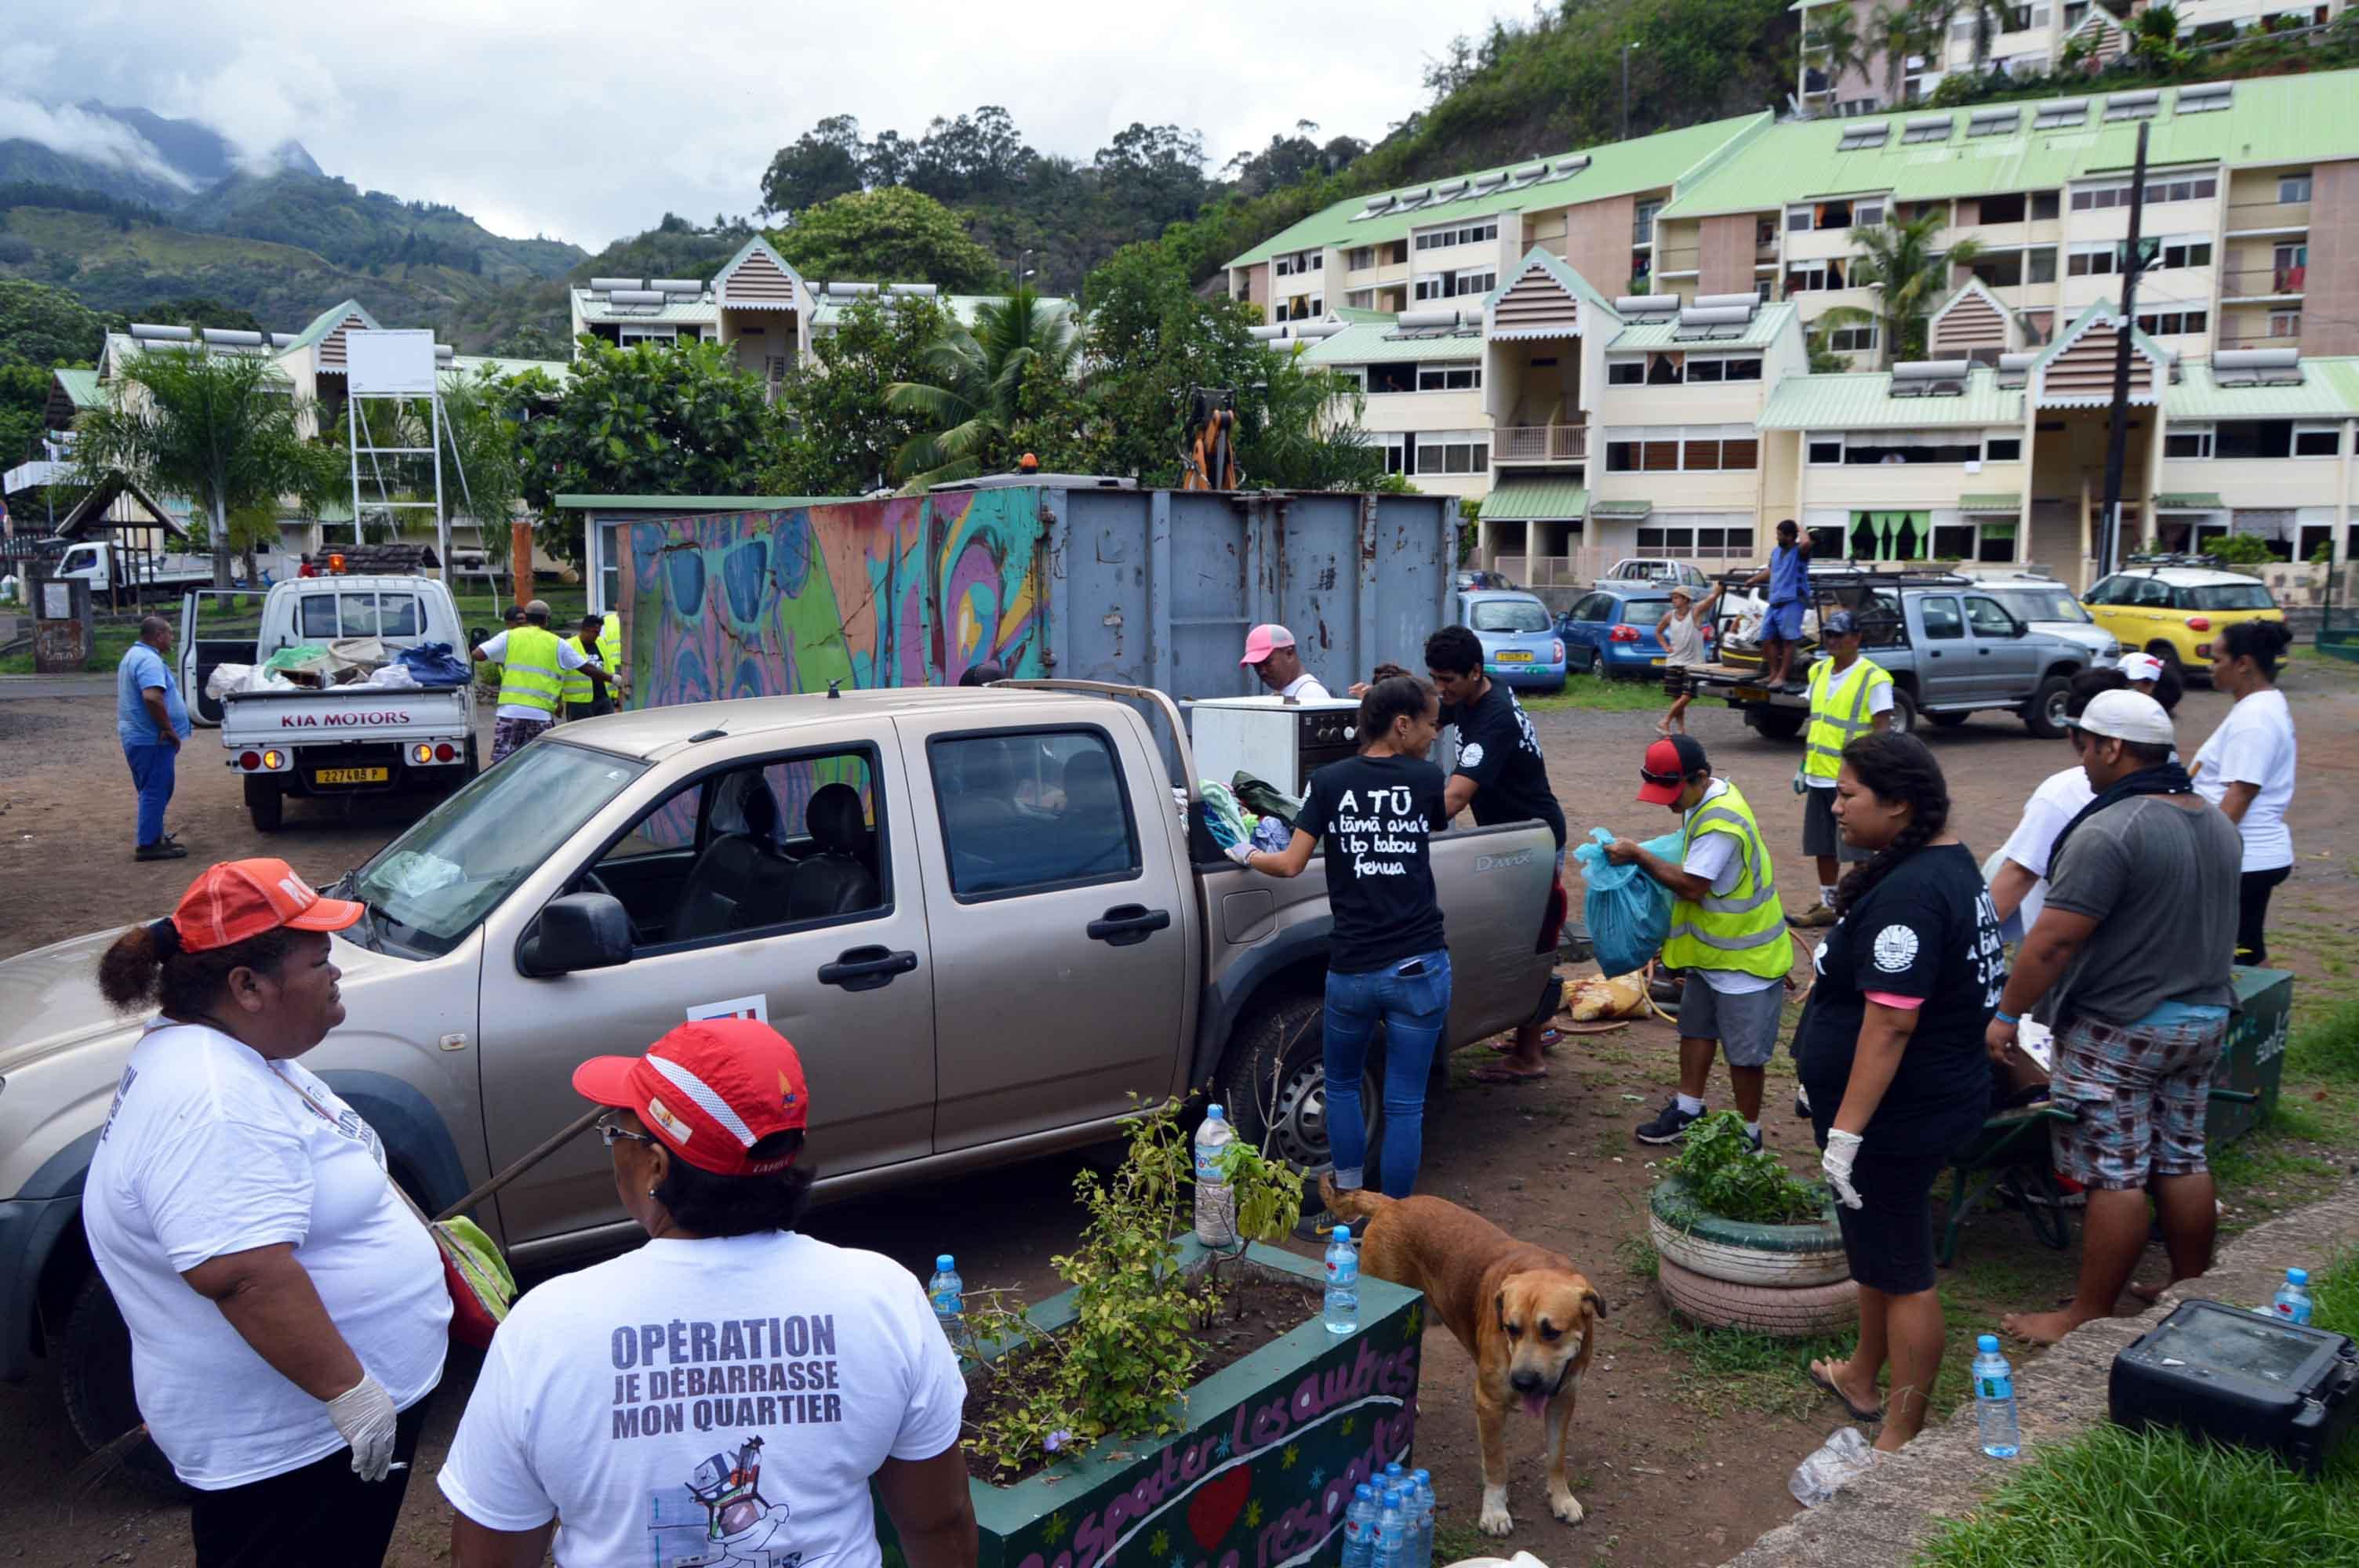 La municipalité lance un appel aux citoyens pour qu'ils viennent déposer leurs encombrants dans les bennes qui seront mis à leur disposition du 17 au 21 septembre.